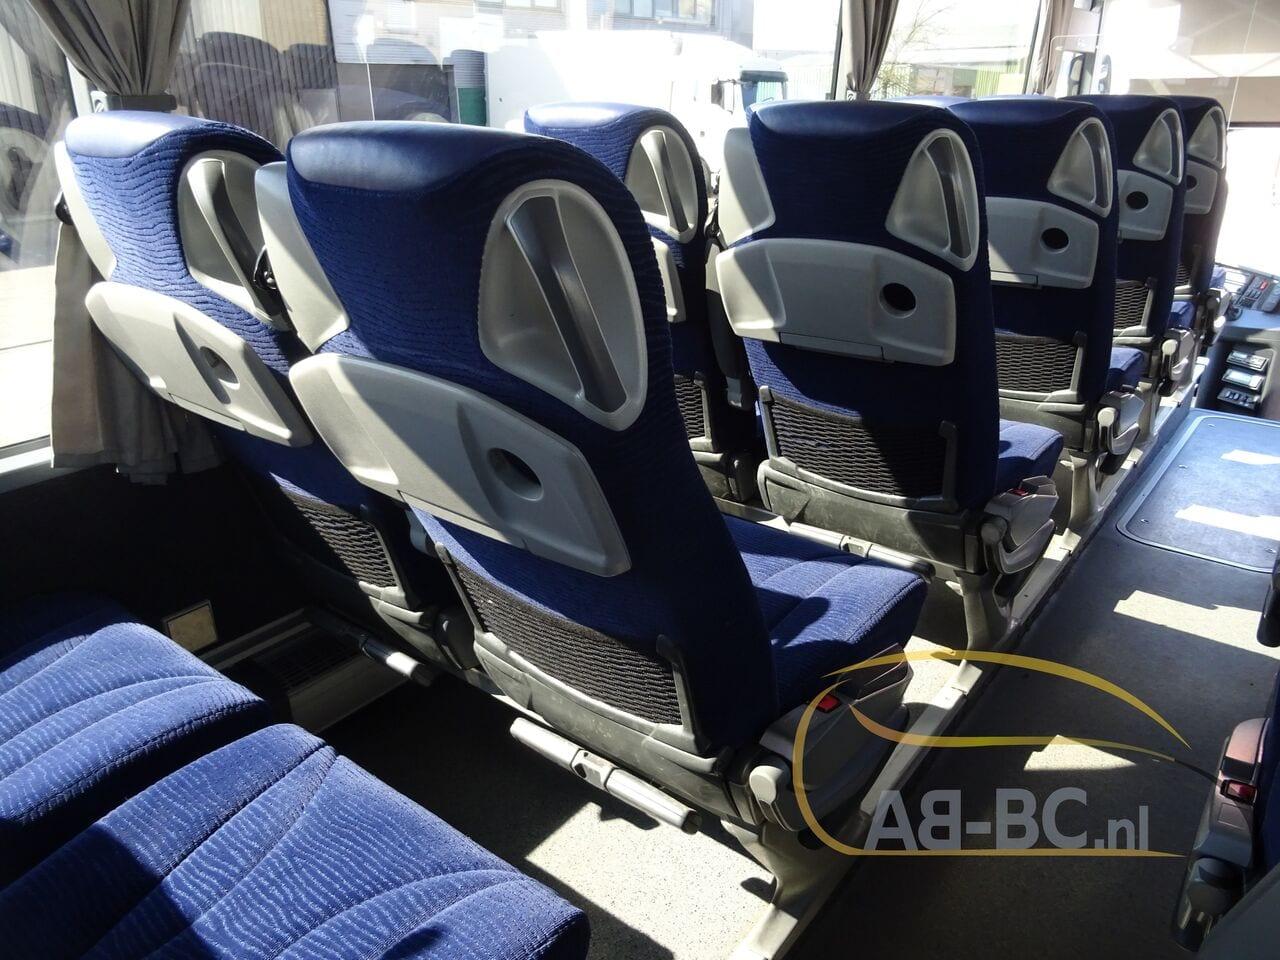 coach-busSETRA-S415-GT-HD-FINAL-EDITION-51-SEATS-LIFTBUS---1620382142750981092_big_8fa08ef15ca98cbb510dfa49cbf7eeca--21050713010665719300